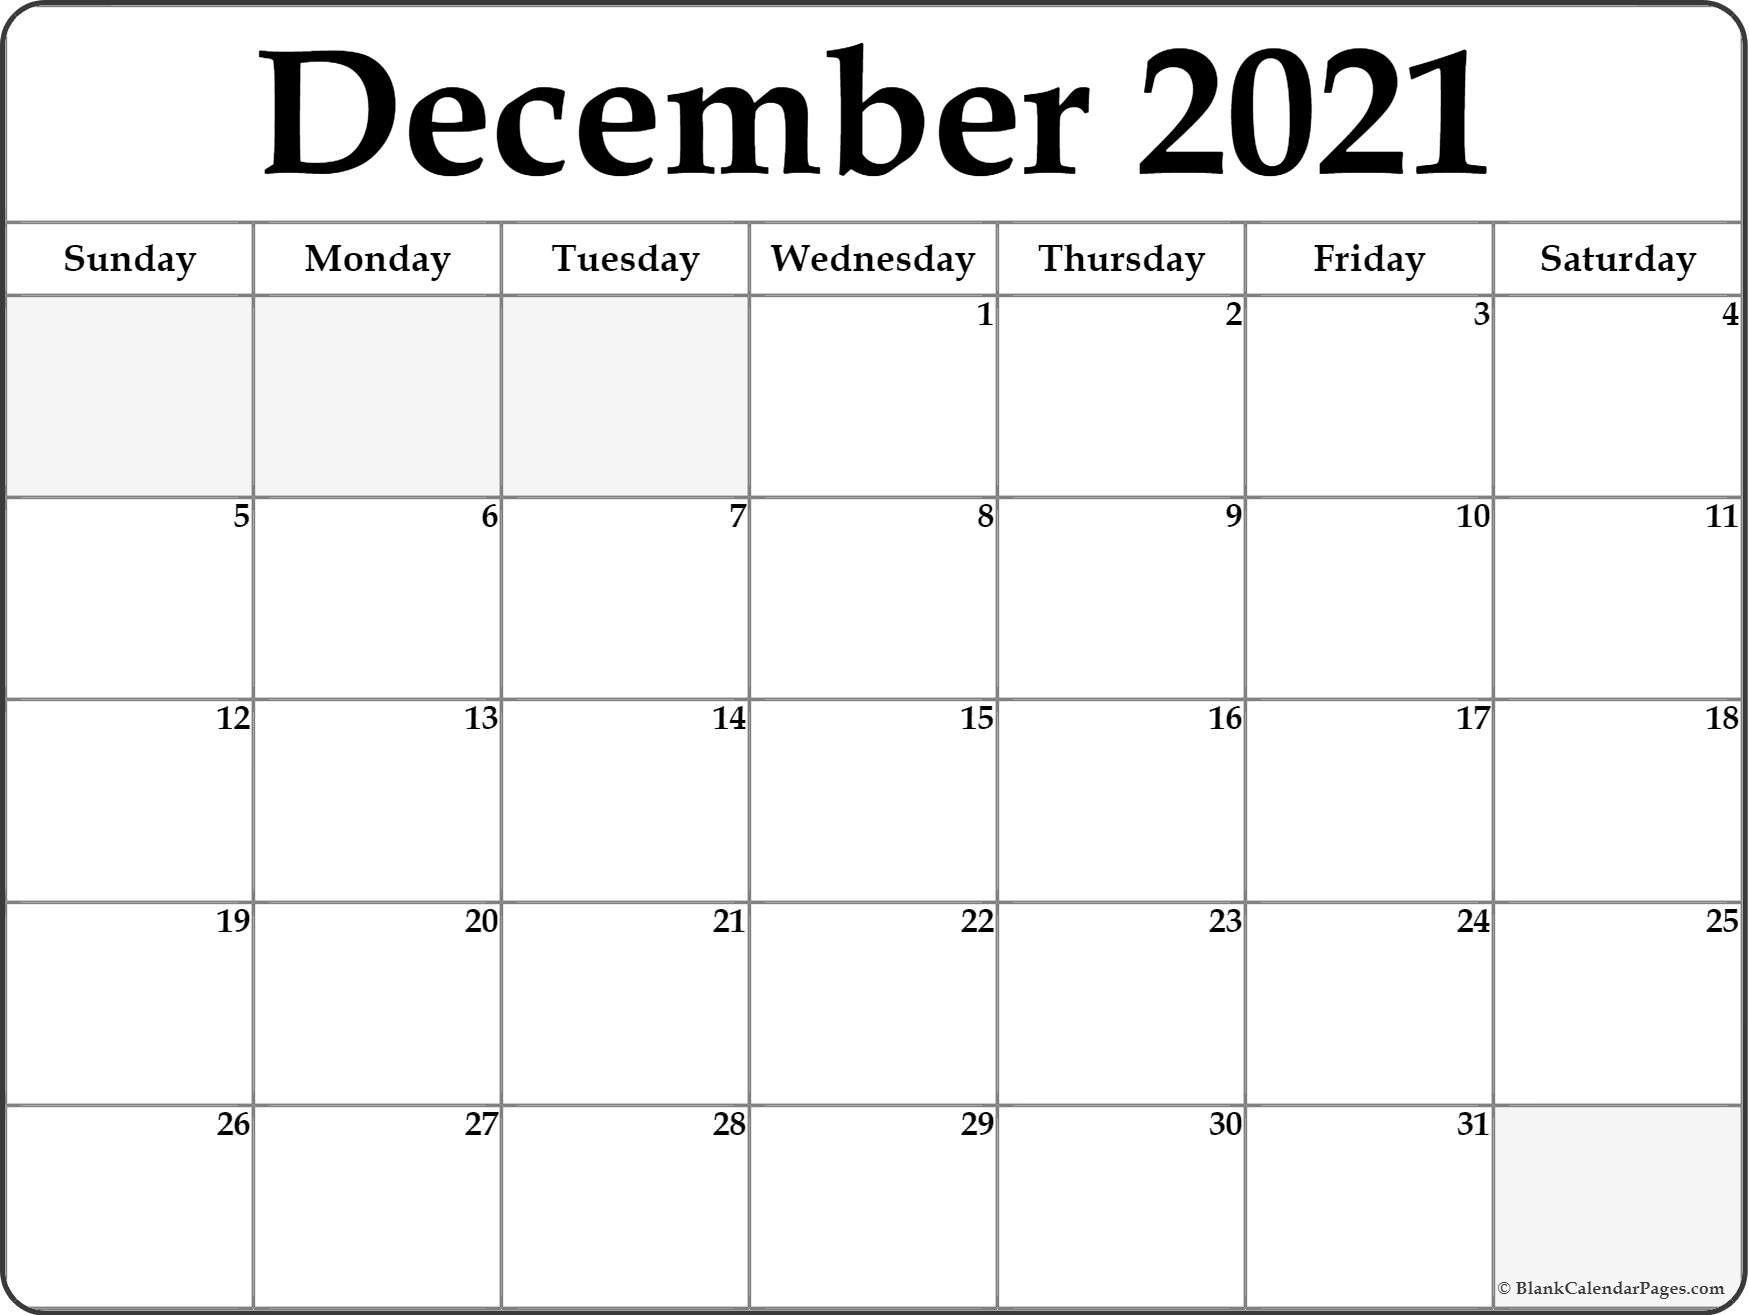 Get December 2021 Blank Calander